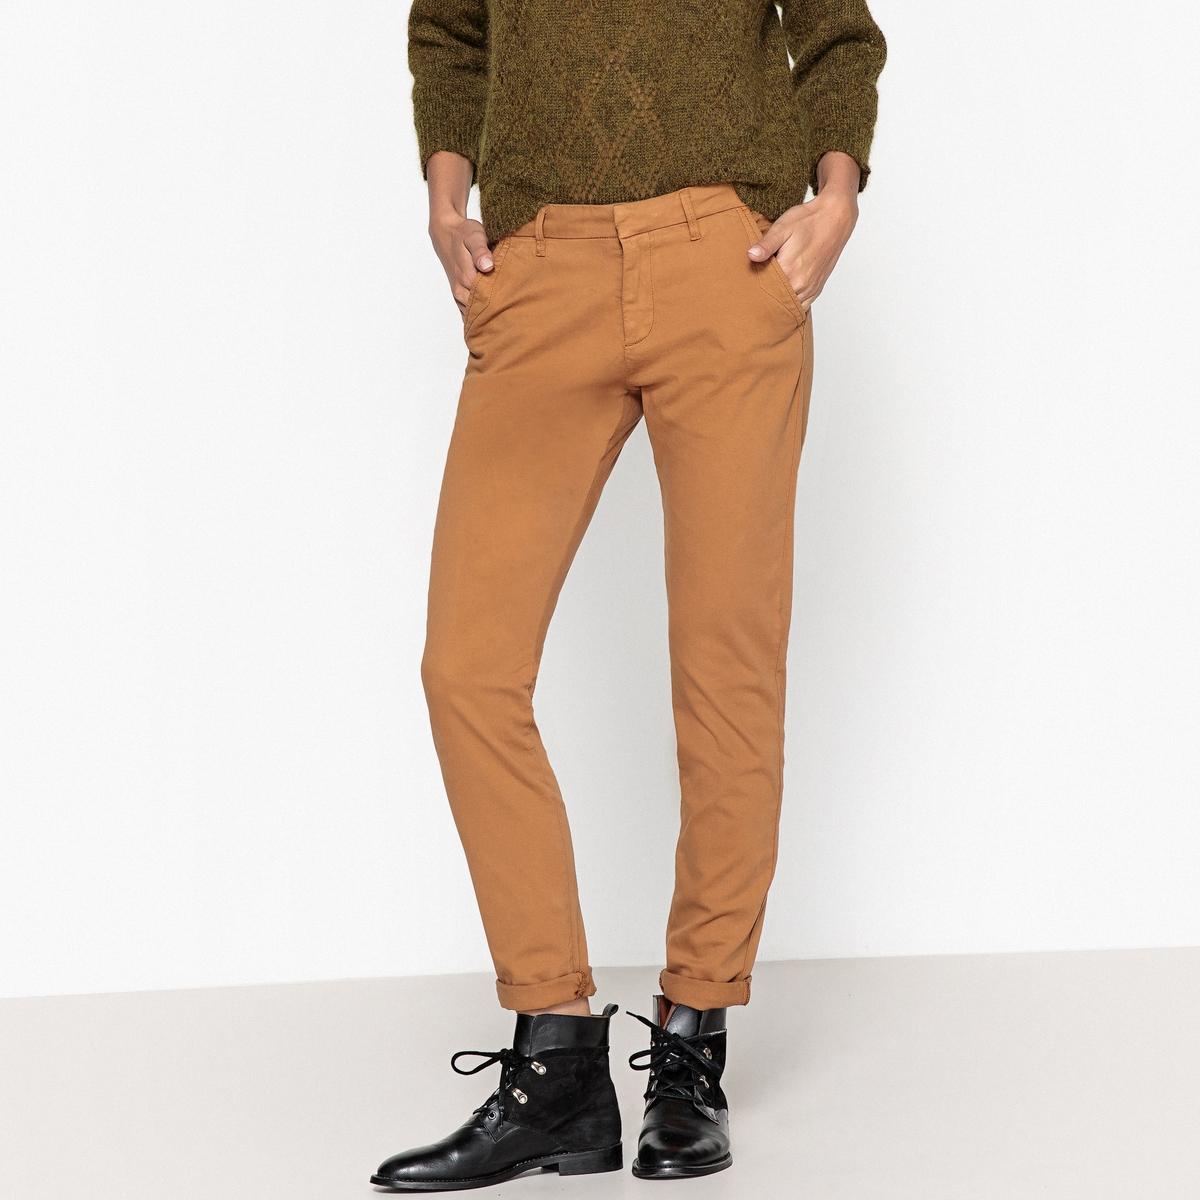 Брюки-чино SANDY 2 BASIC брюки чино sandy fancy